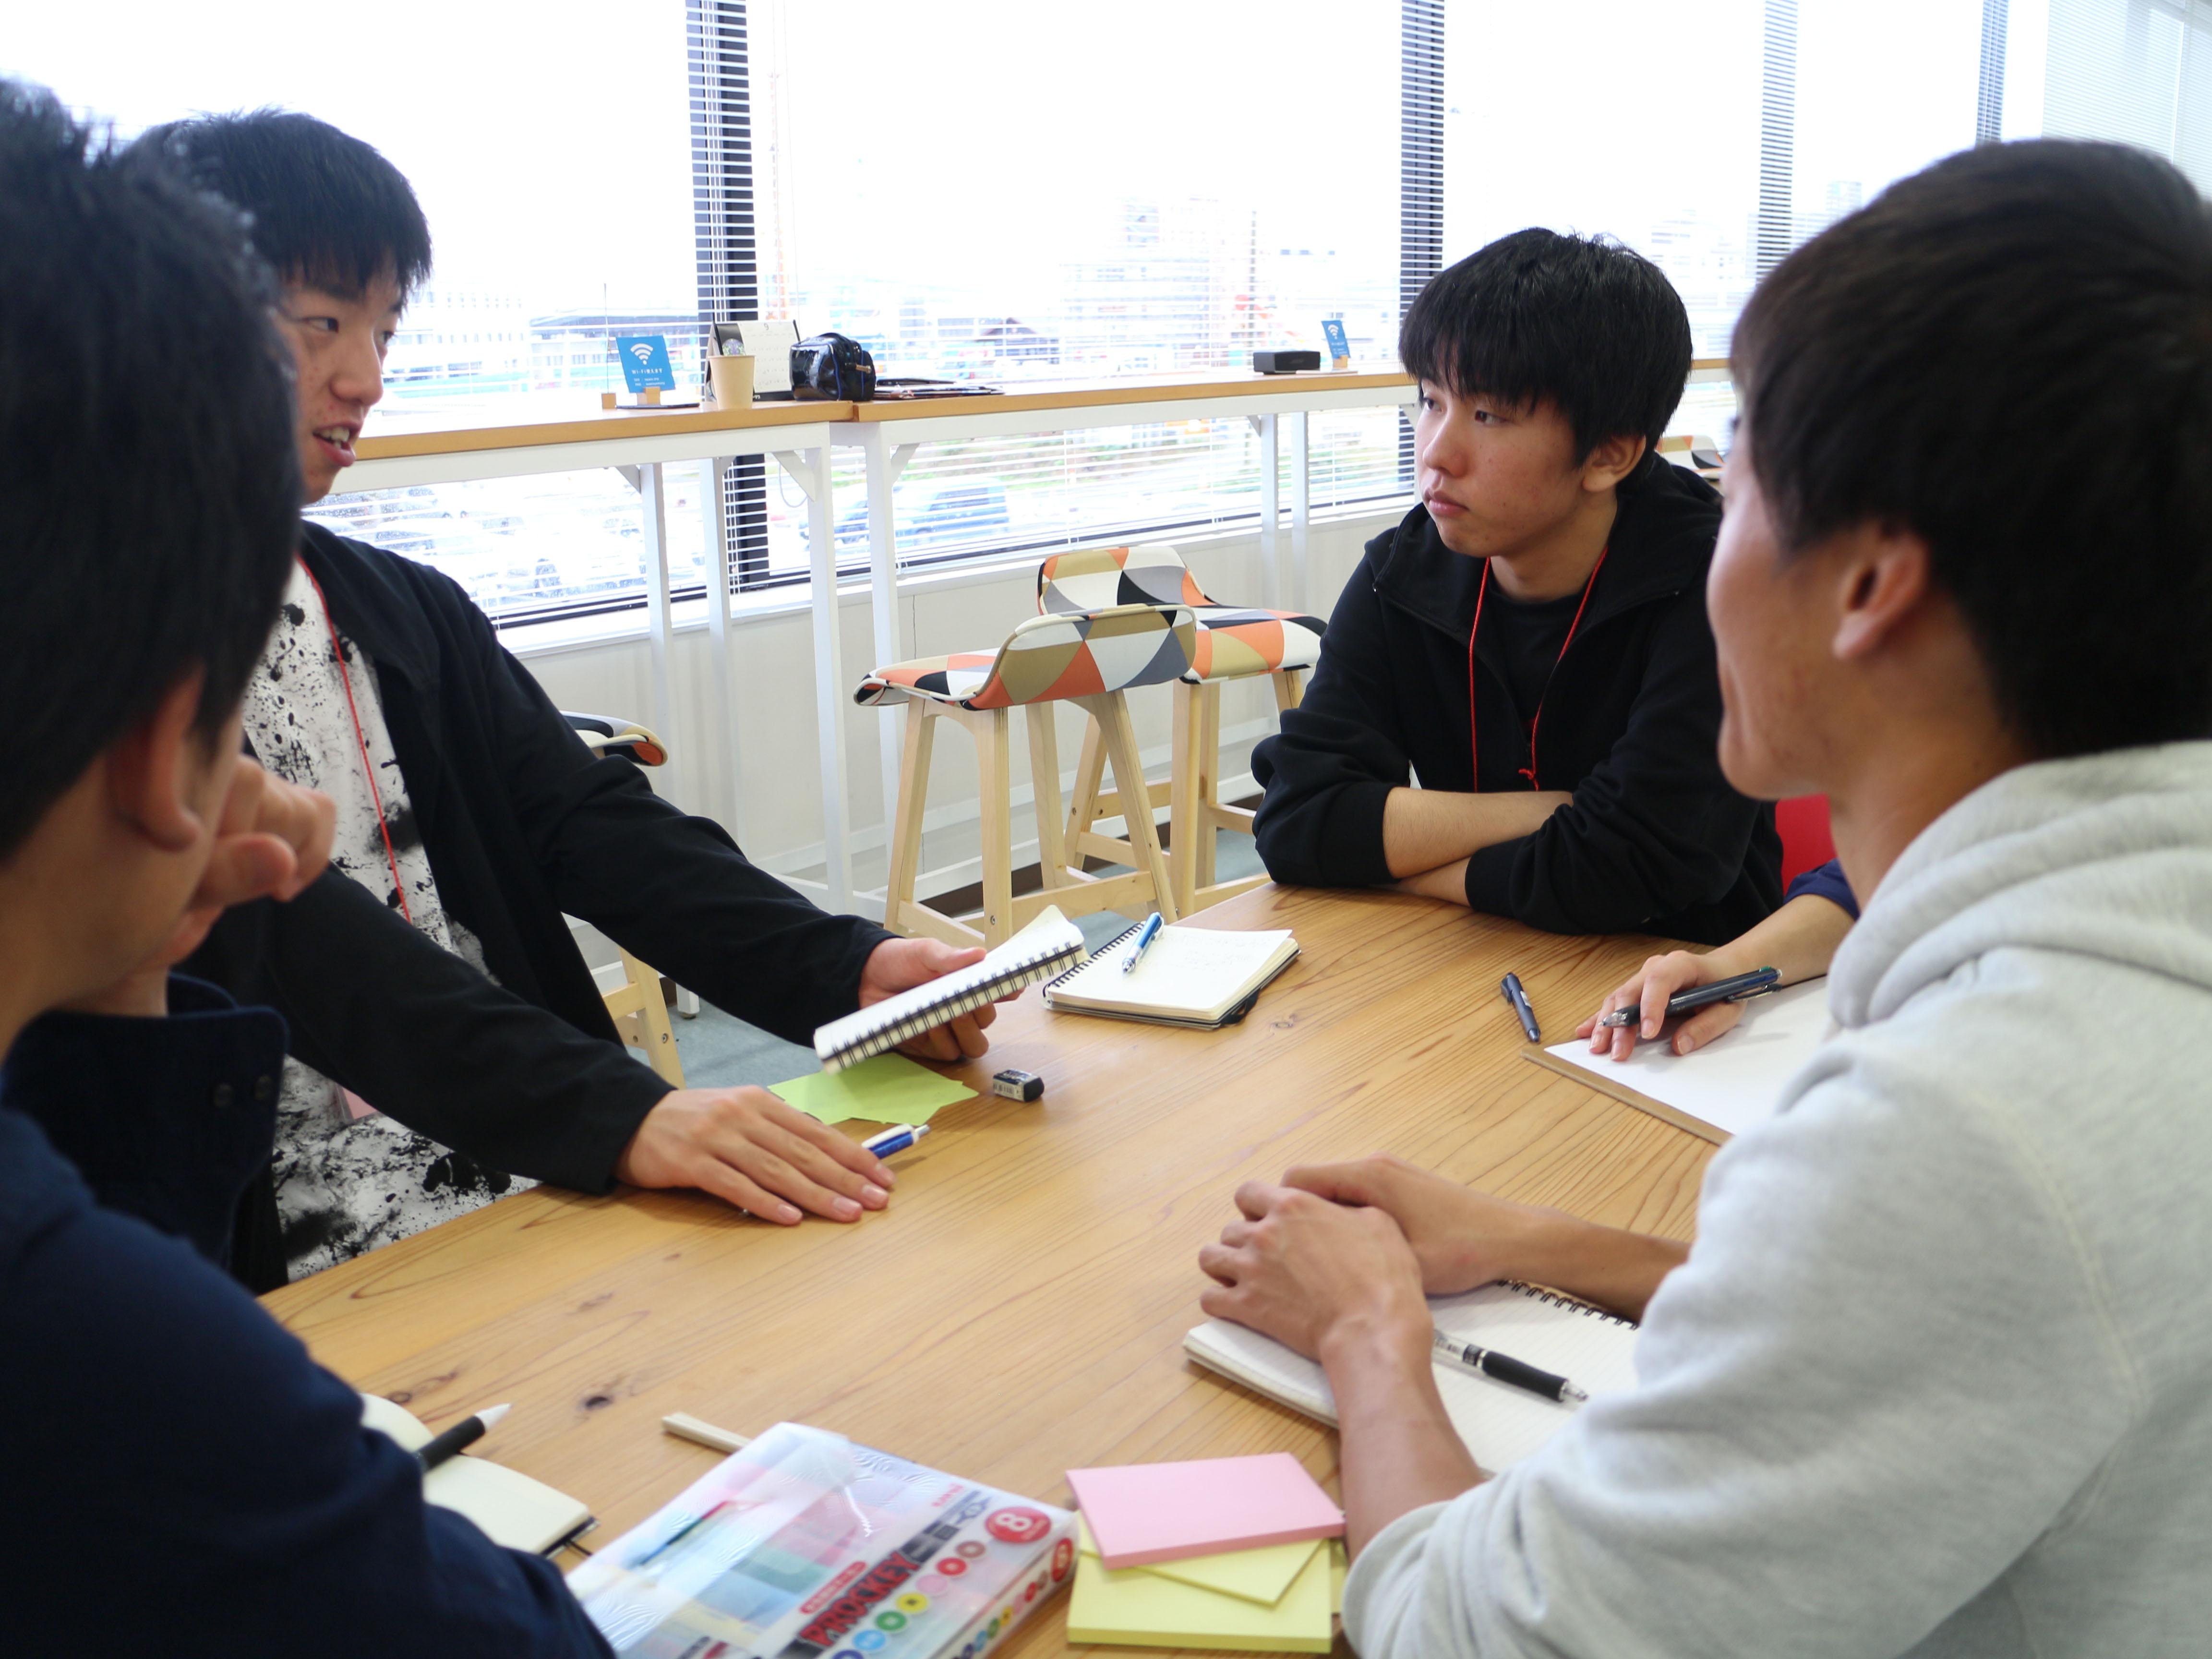 気仙沼の高校生マイプロジェクトアワード2018中間報告会